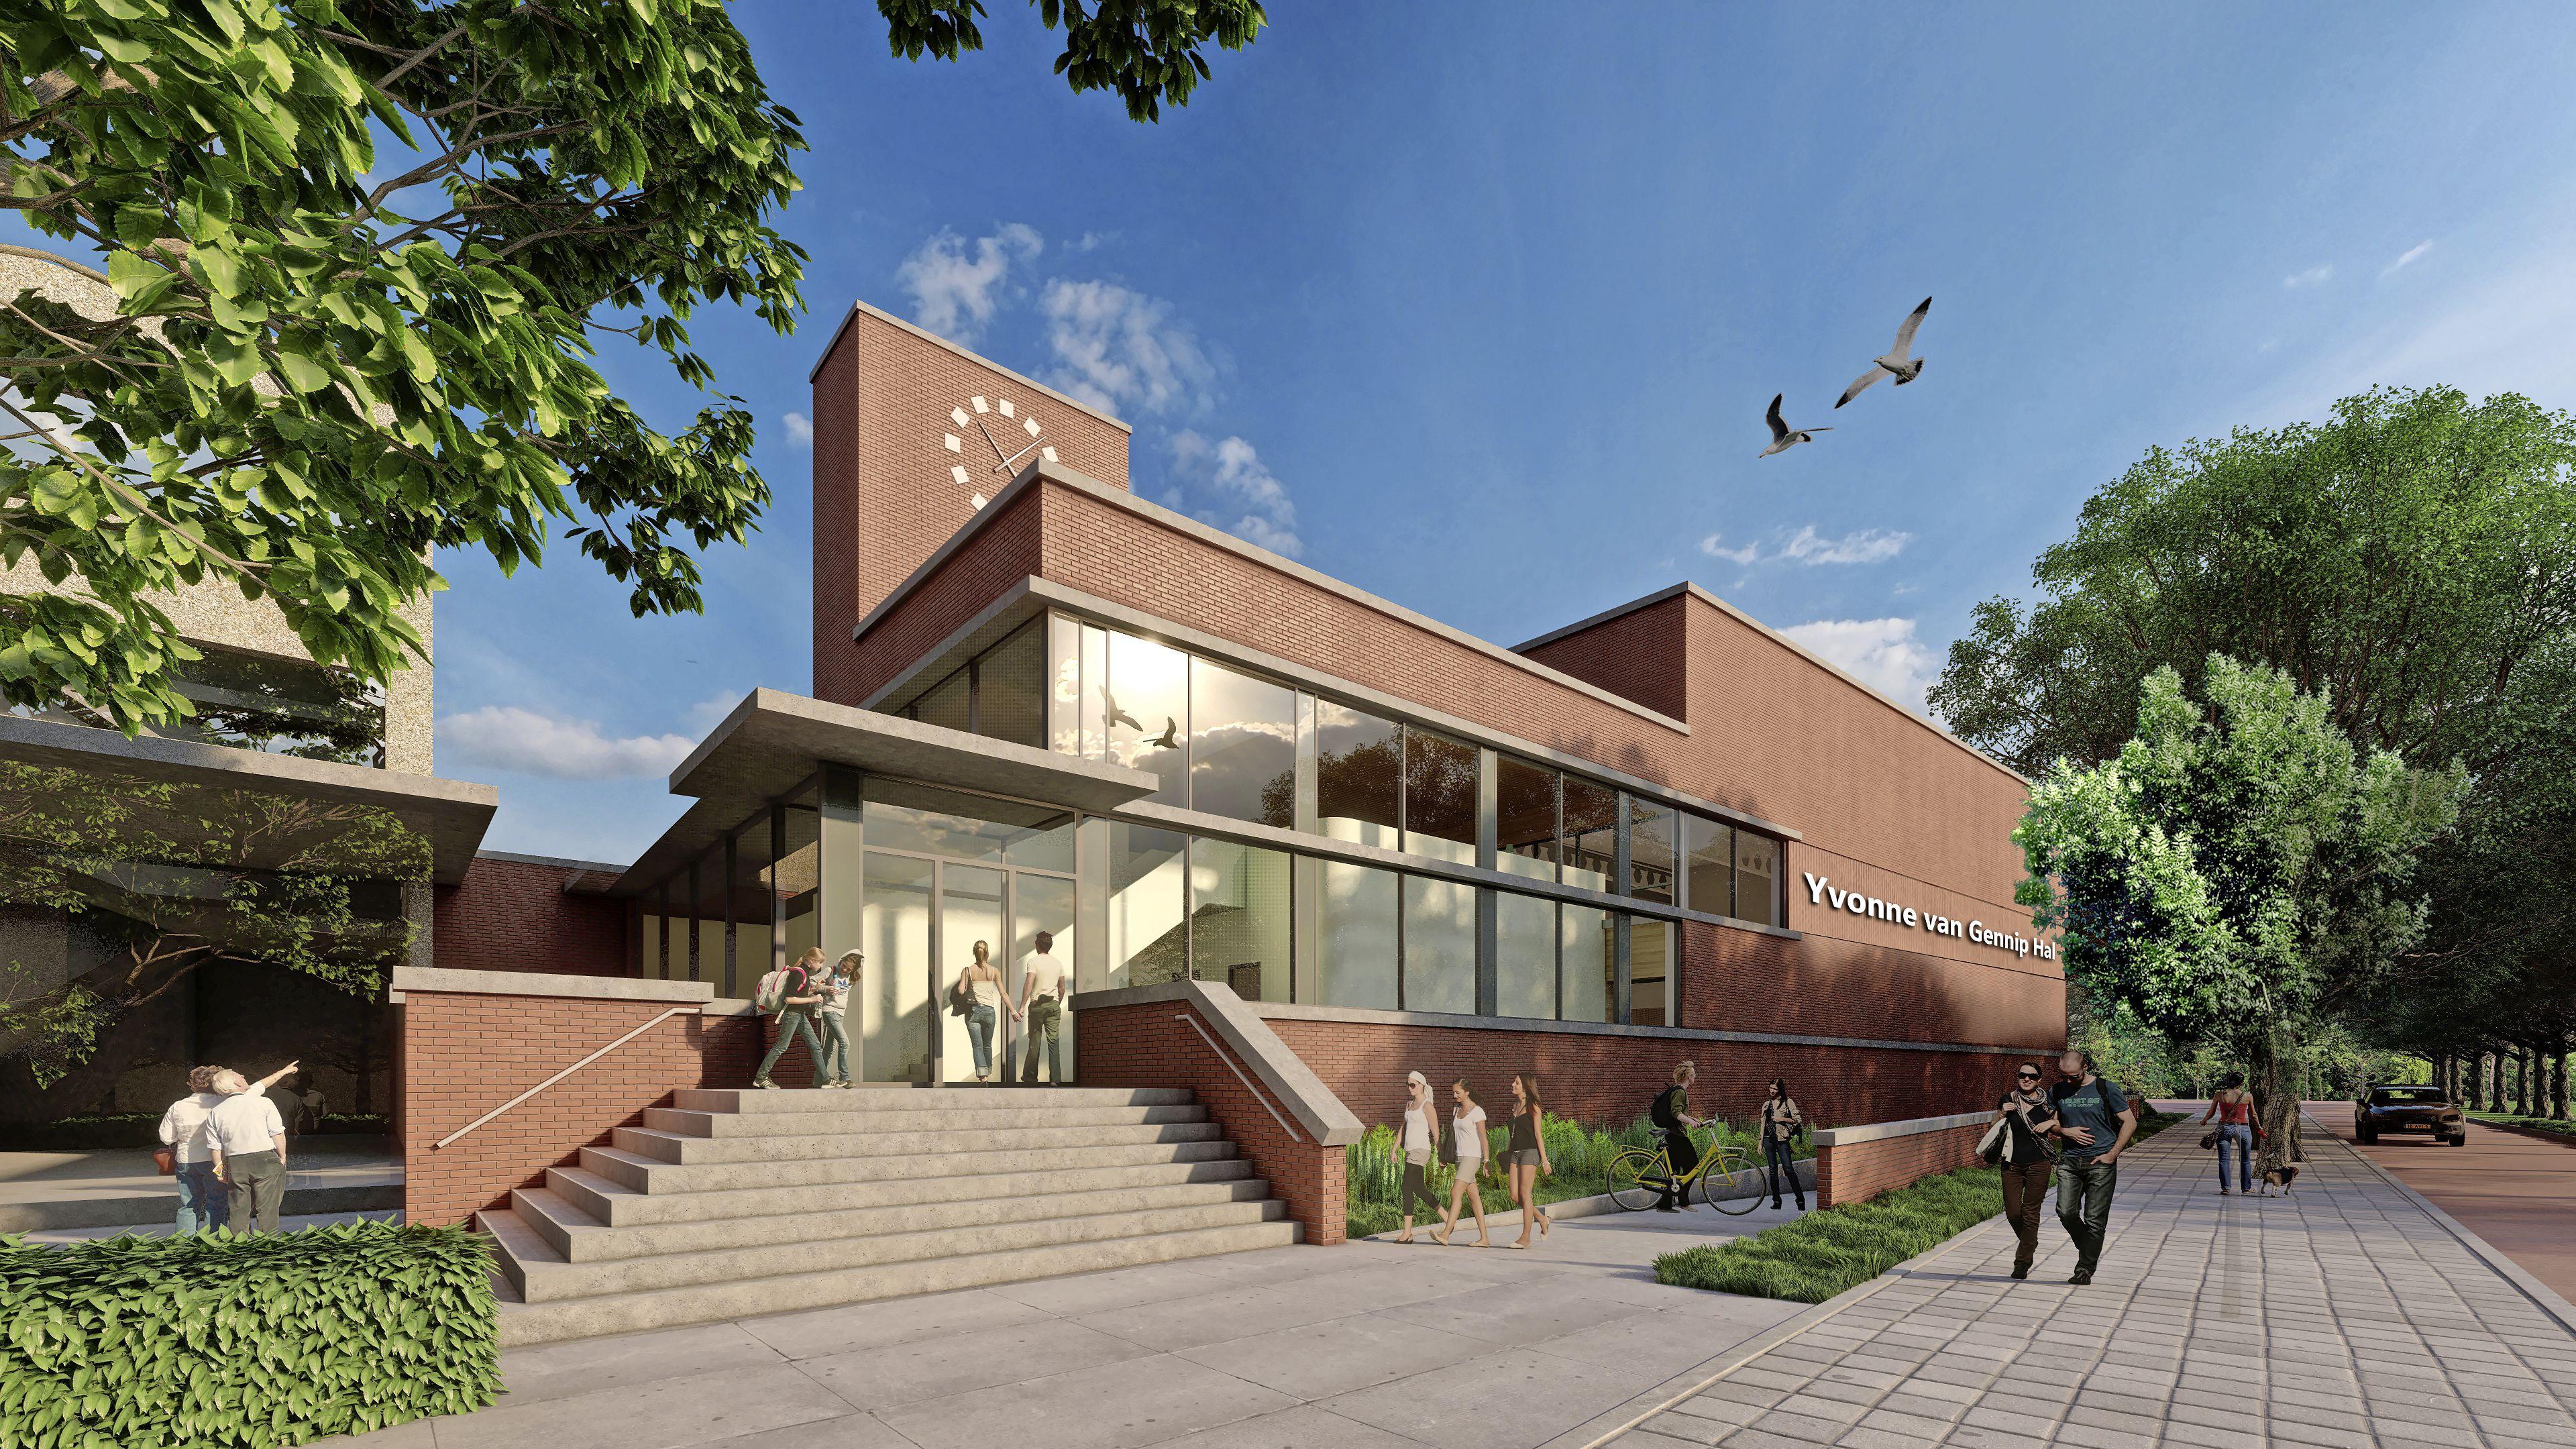 Nieuwe sporthal in Haarlem-Noord vernoemd naar schaatslegende Yvonne van Gennip: 'Heel cool, iets voor de eeuwigheid'